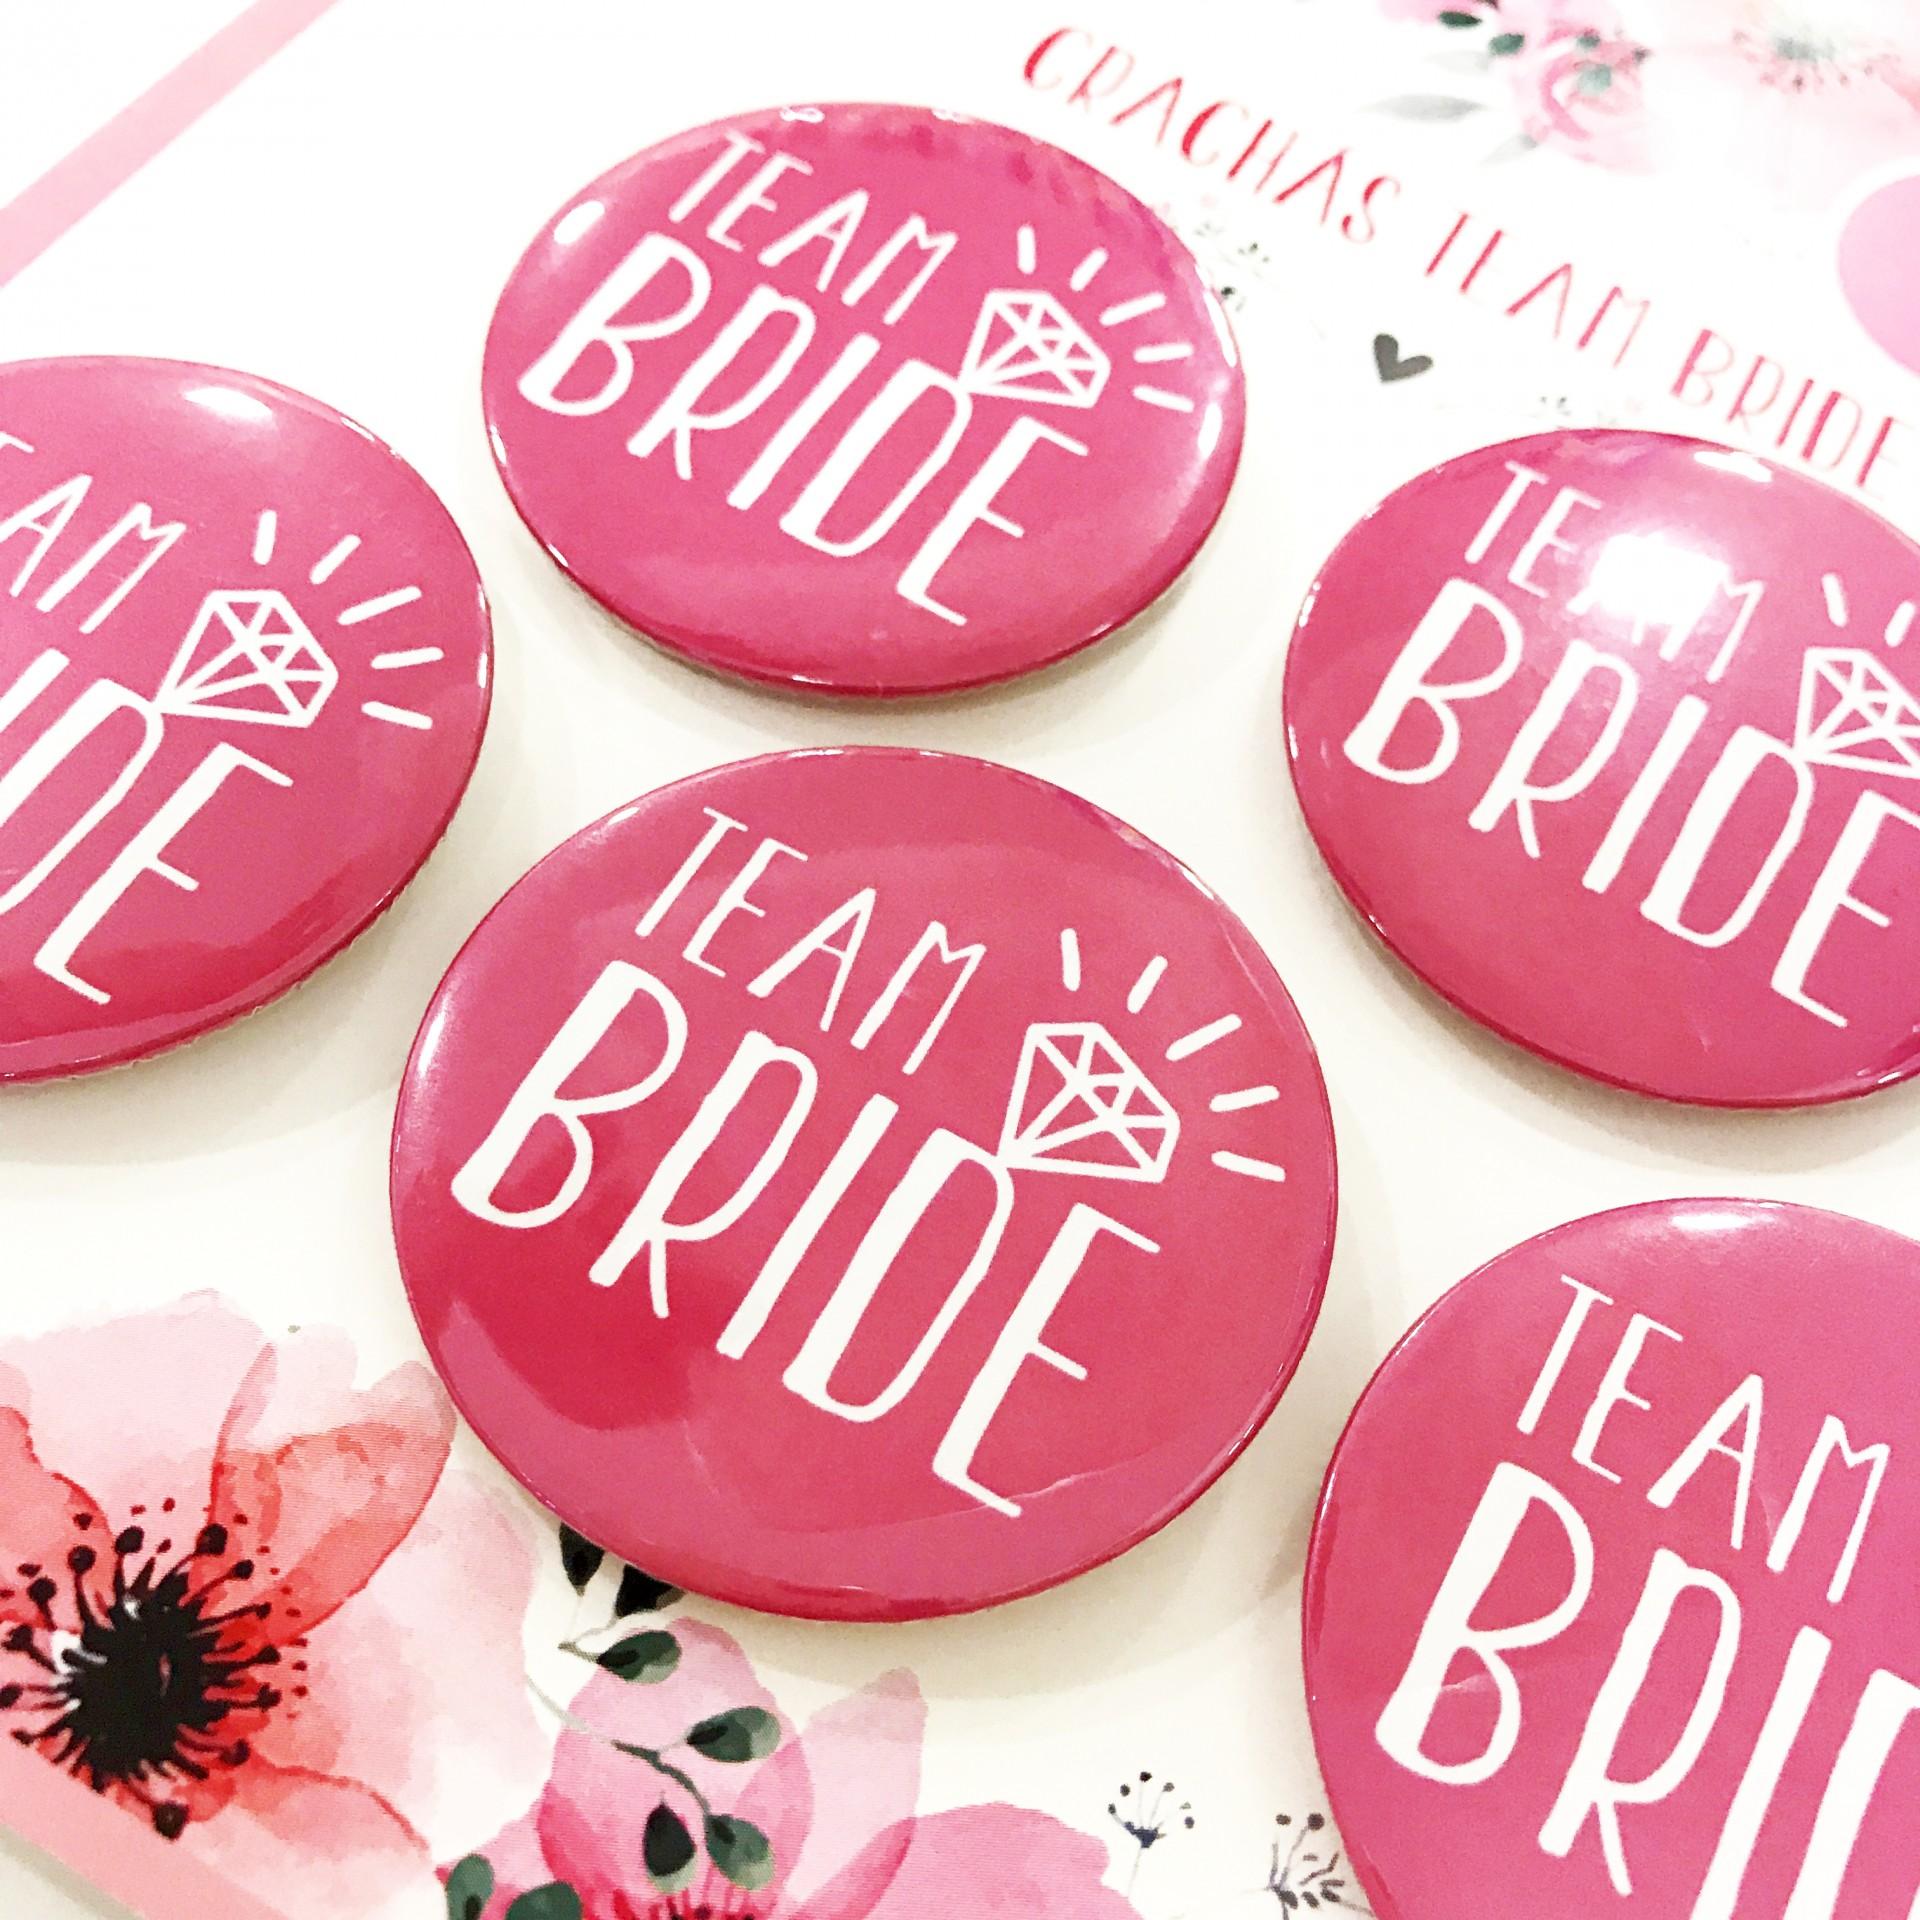 Crachás TEAM BRIDE